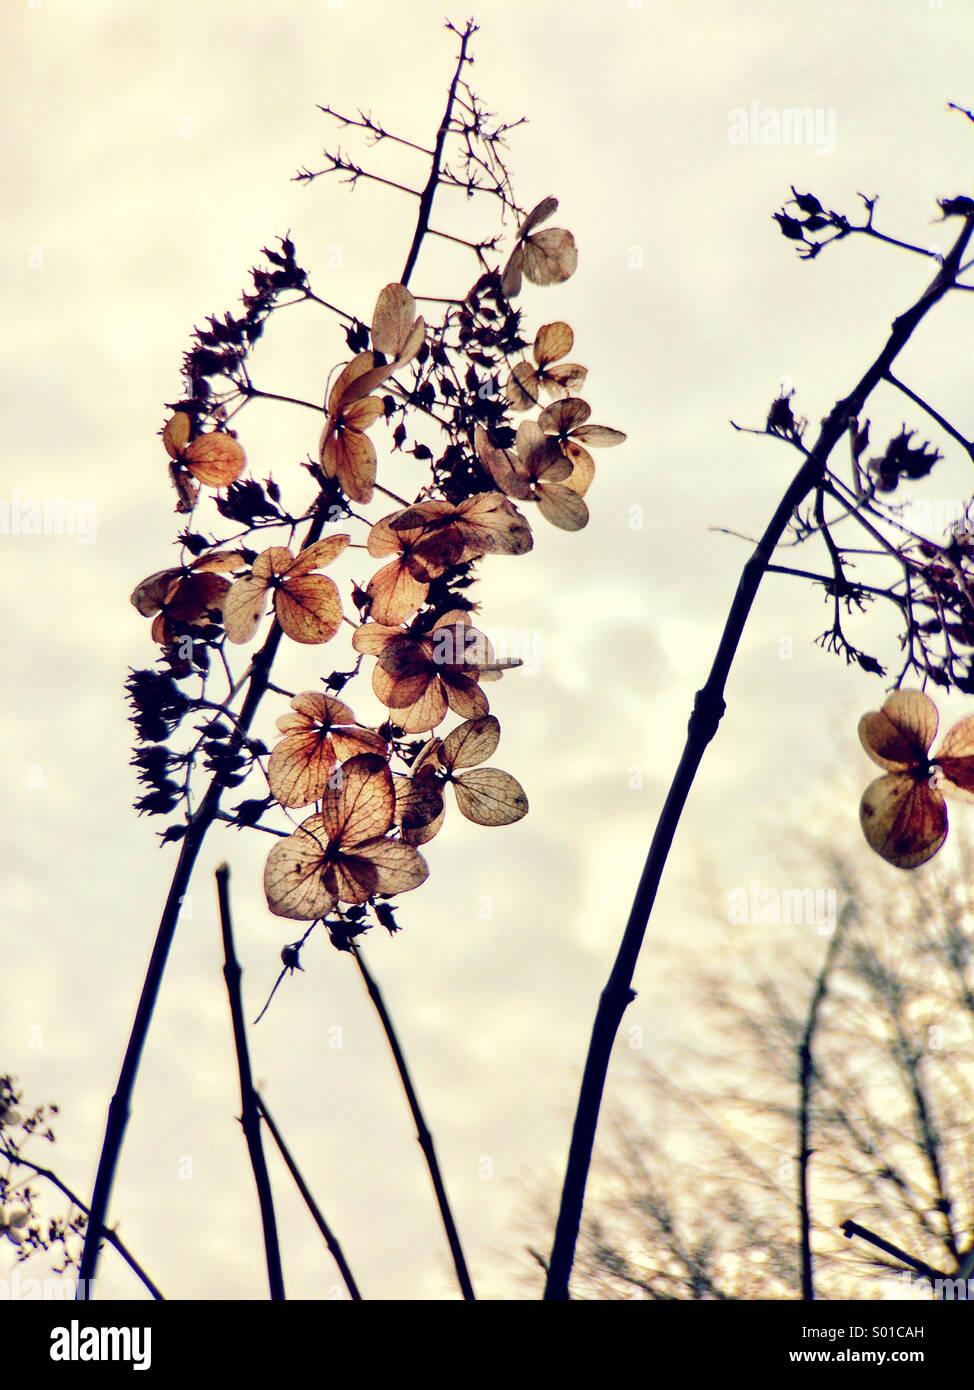 Fiori Secchi in inverno. Immagini Stock